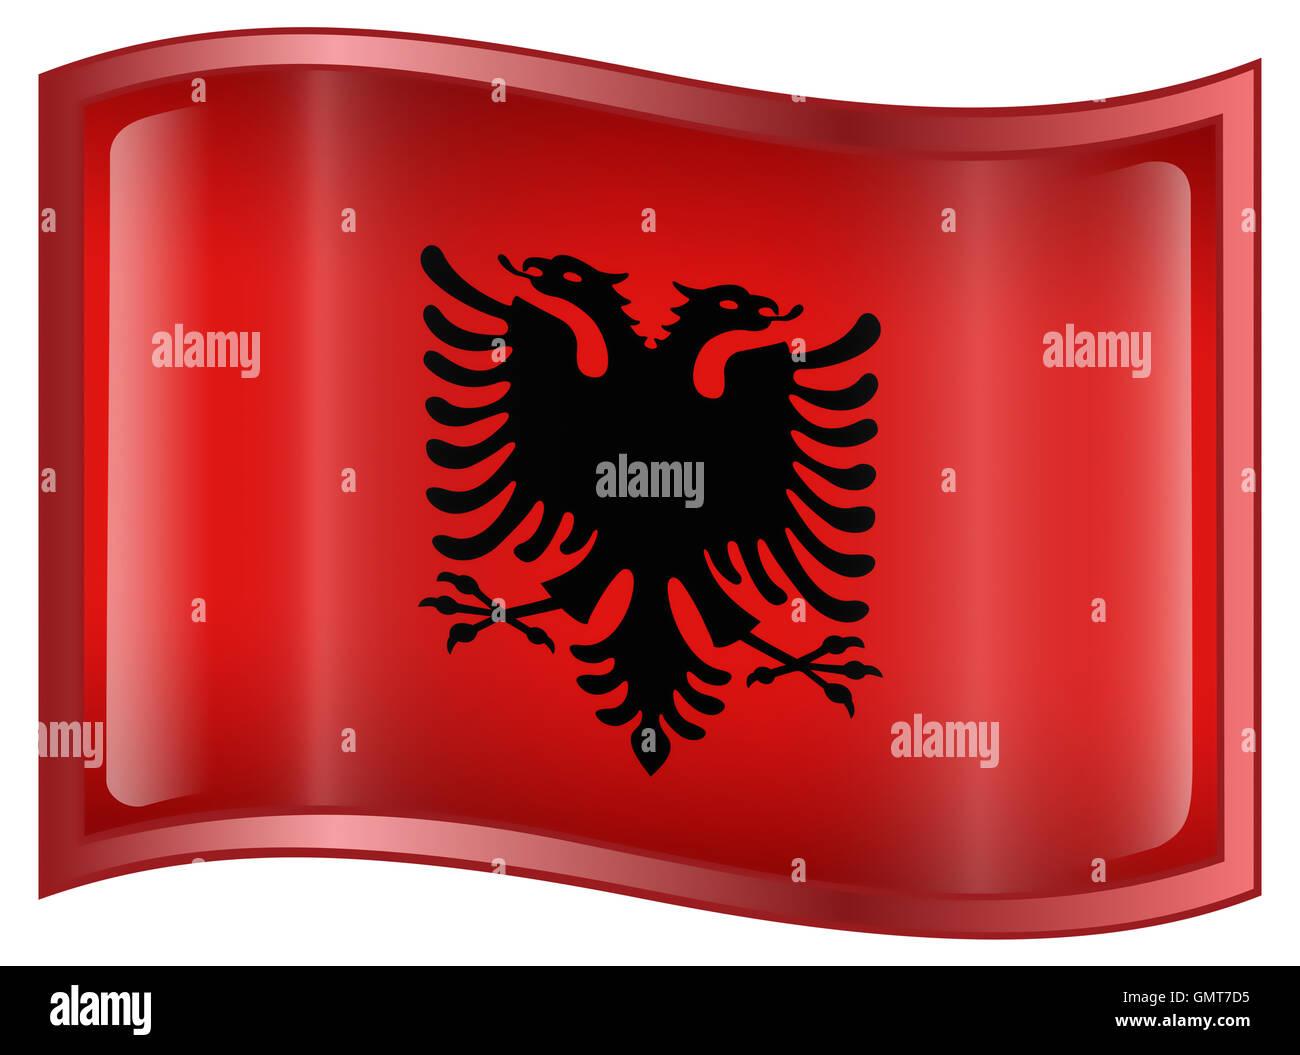 Albania Flag Icon - Stock Image